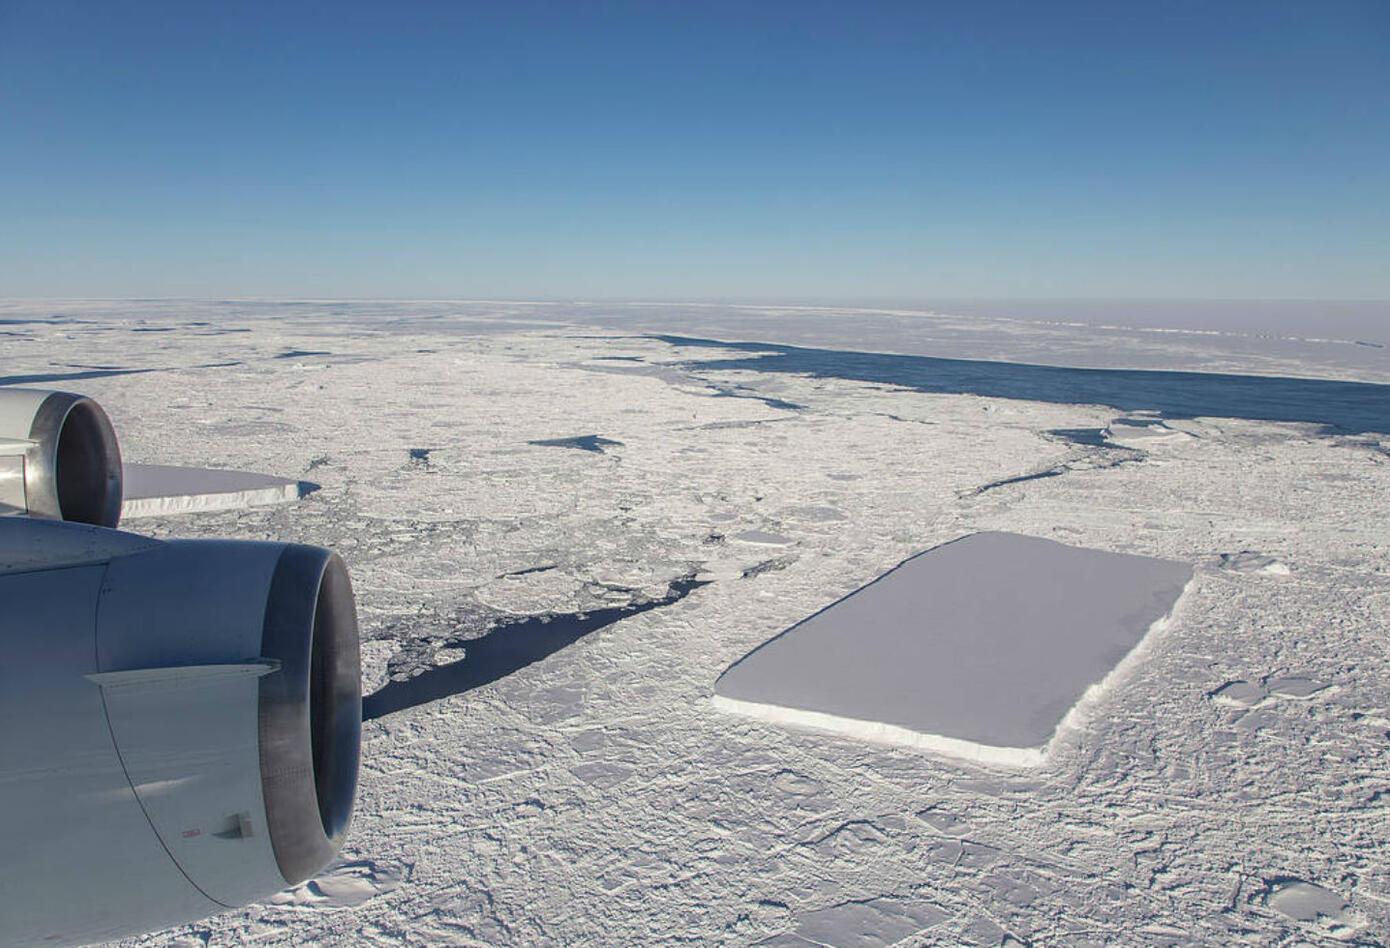 Según la NASA, el iceberg rectangular parecía haber surgido del glaciar Larsen C